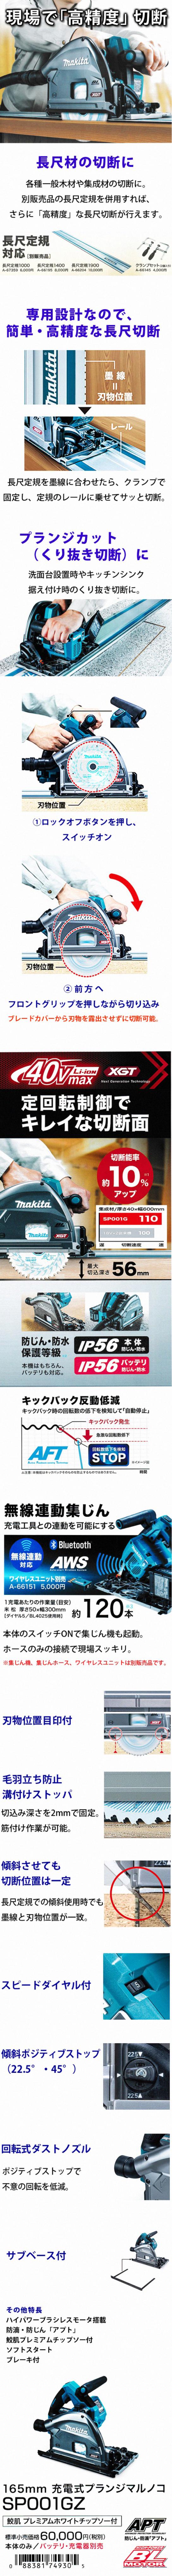 マキタ 40Vmax 165mm充電式プランジマルノコ SP001GZ